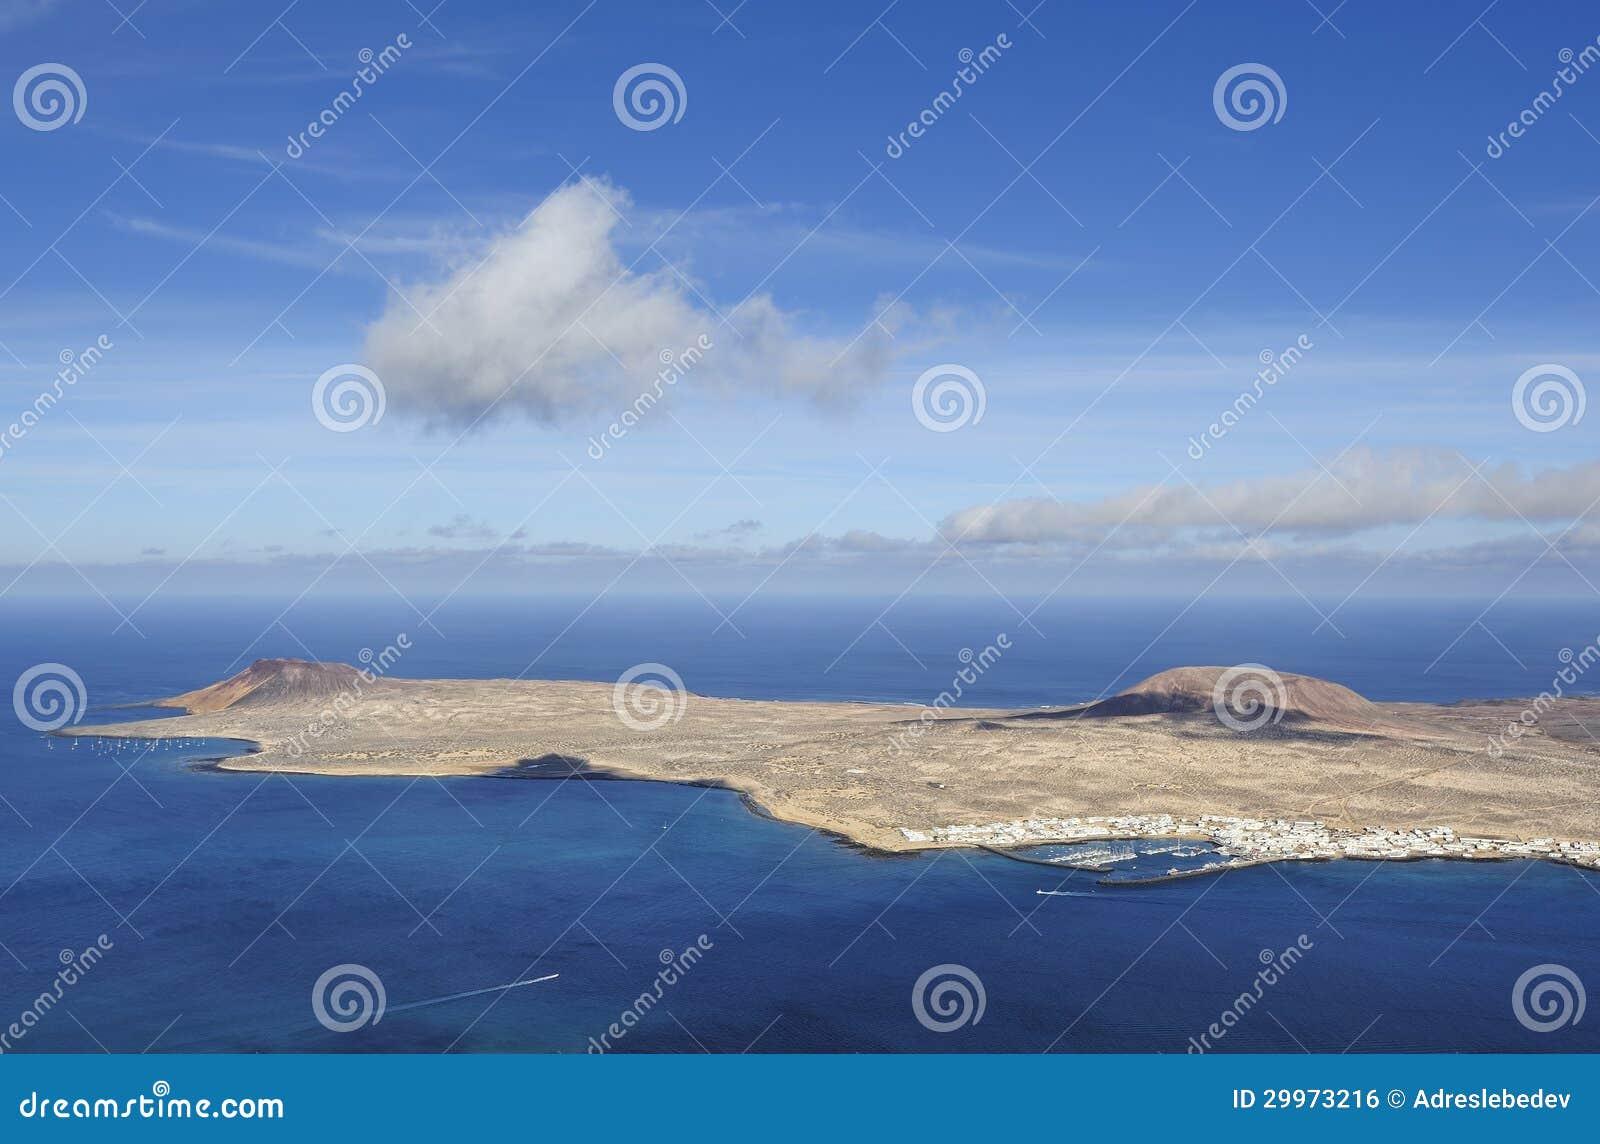 Widok Graciosa wyspa od Mirador Del Rio, Lanzarote wyspa